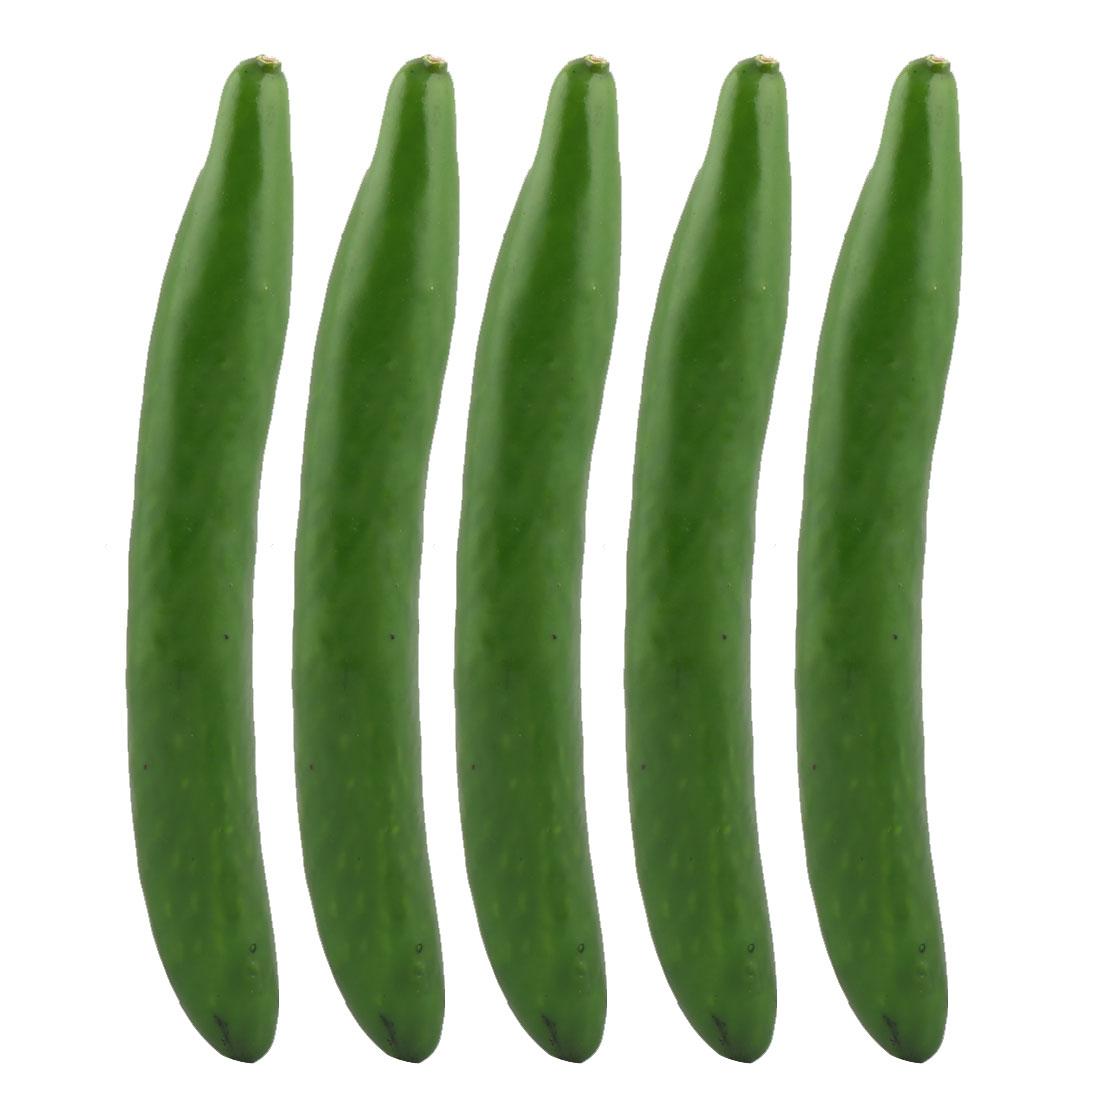 Photo Prop Decor Artificial Cucumber Designed Vegetable Mold 24.5cm Length 5pcs